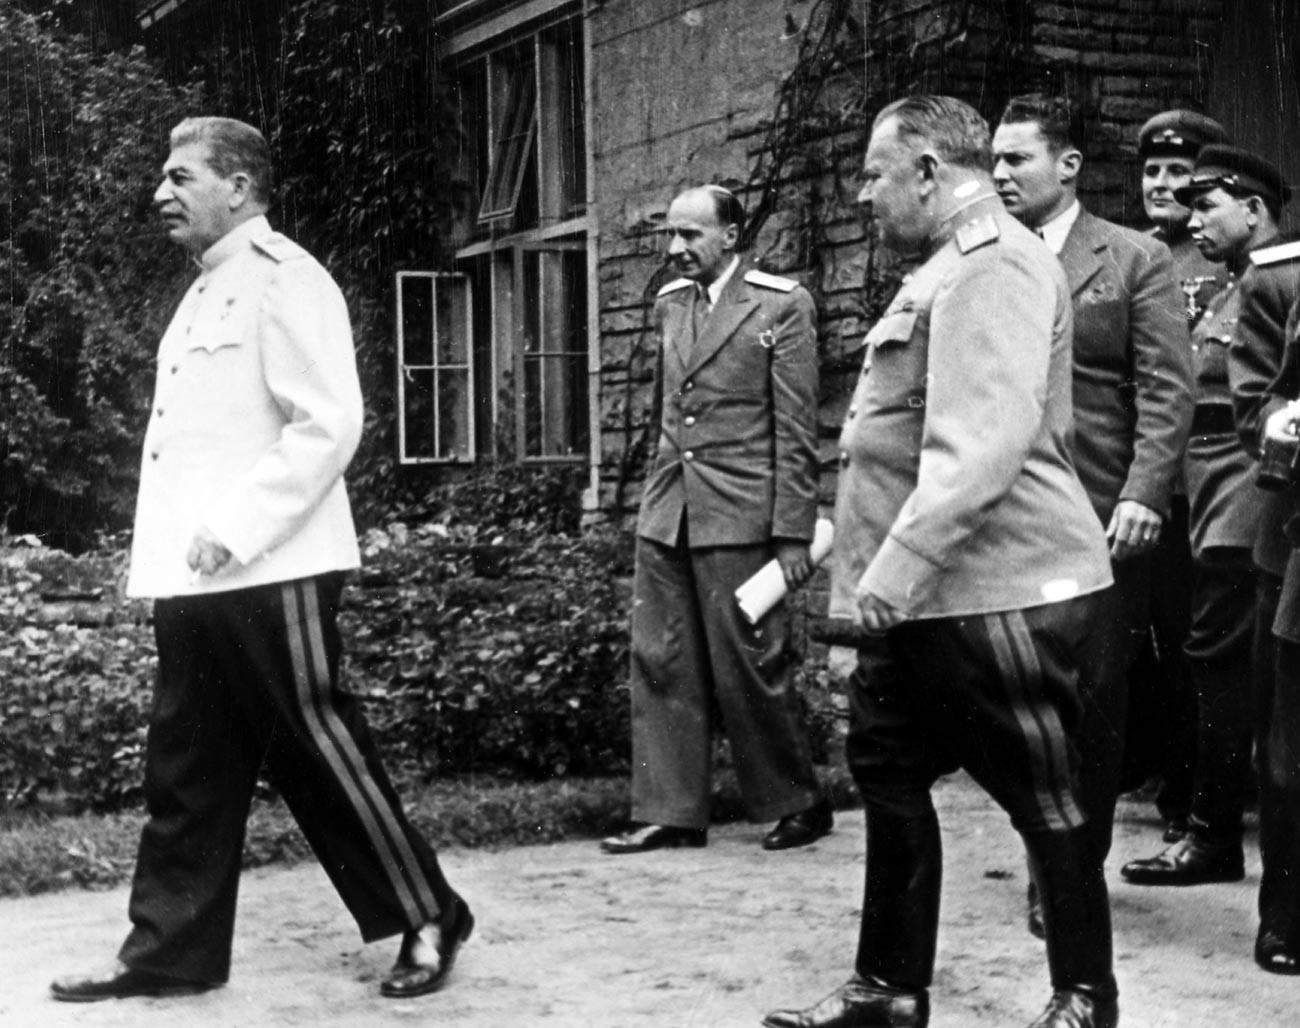 Советскиот водач Јосиф Сталин во бела војничка блуза со останатите воени лица на Постдамската конференција во јули 1945 година.